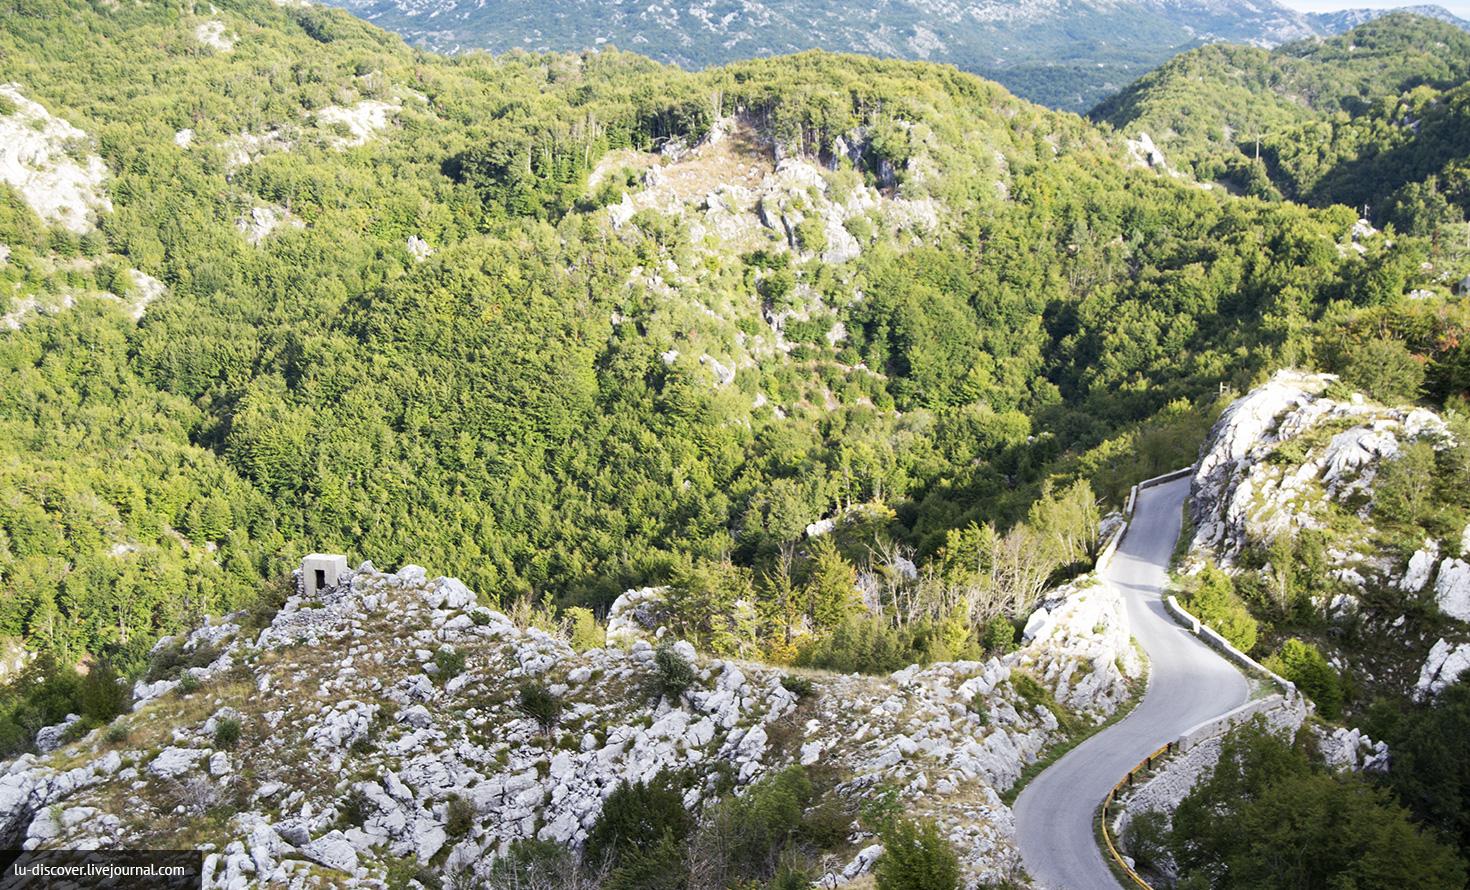 рассказ о поездке в Негуши, маленькую деревушку в горах